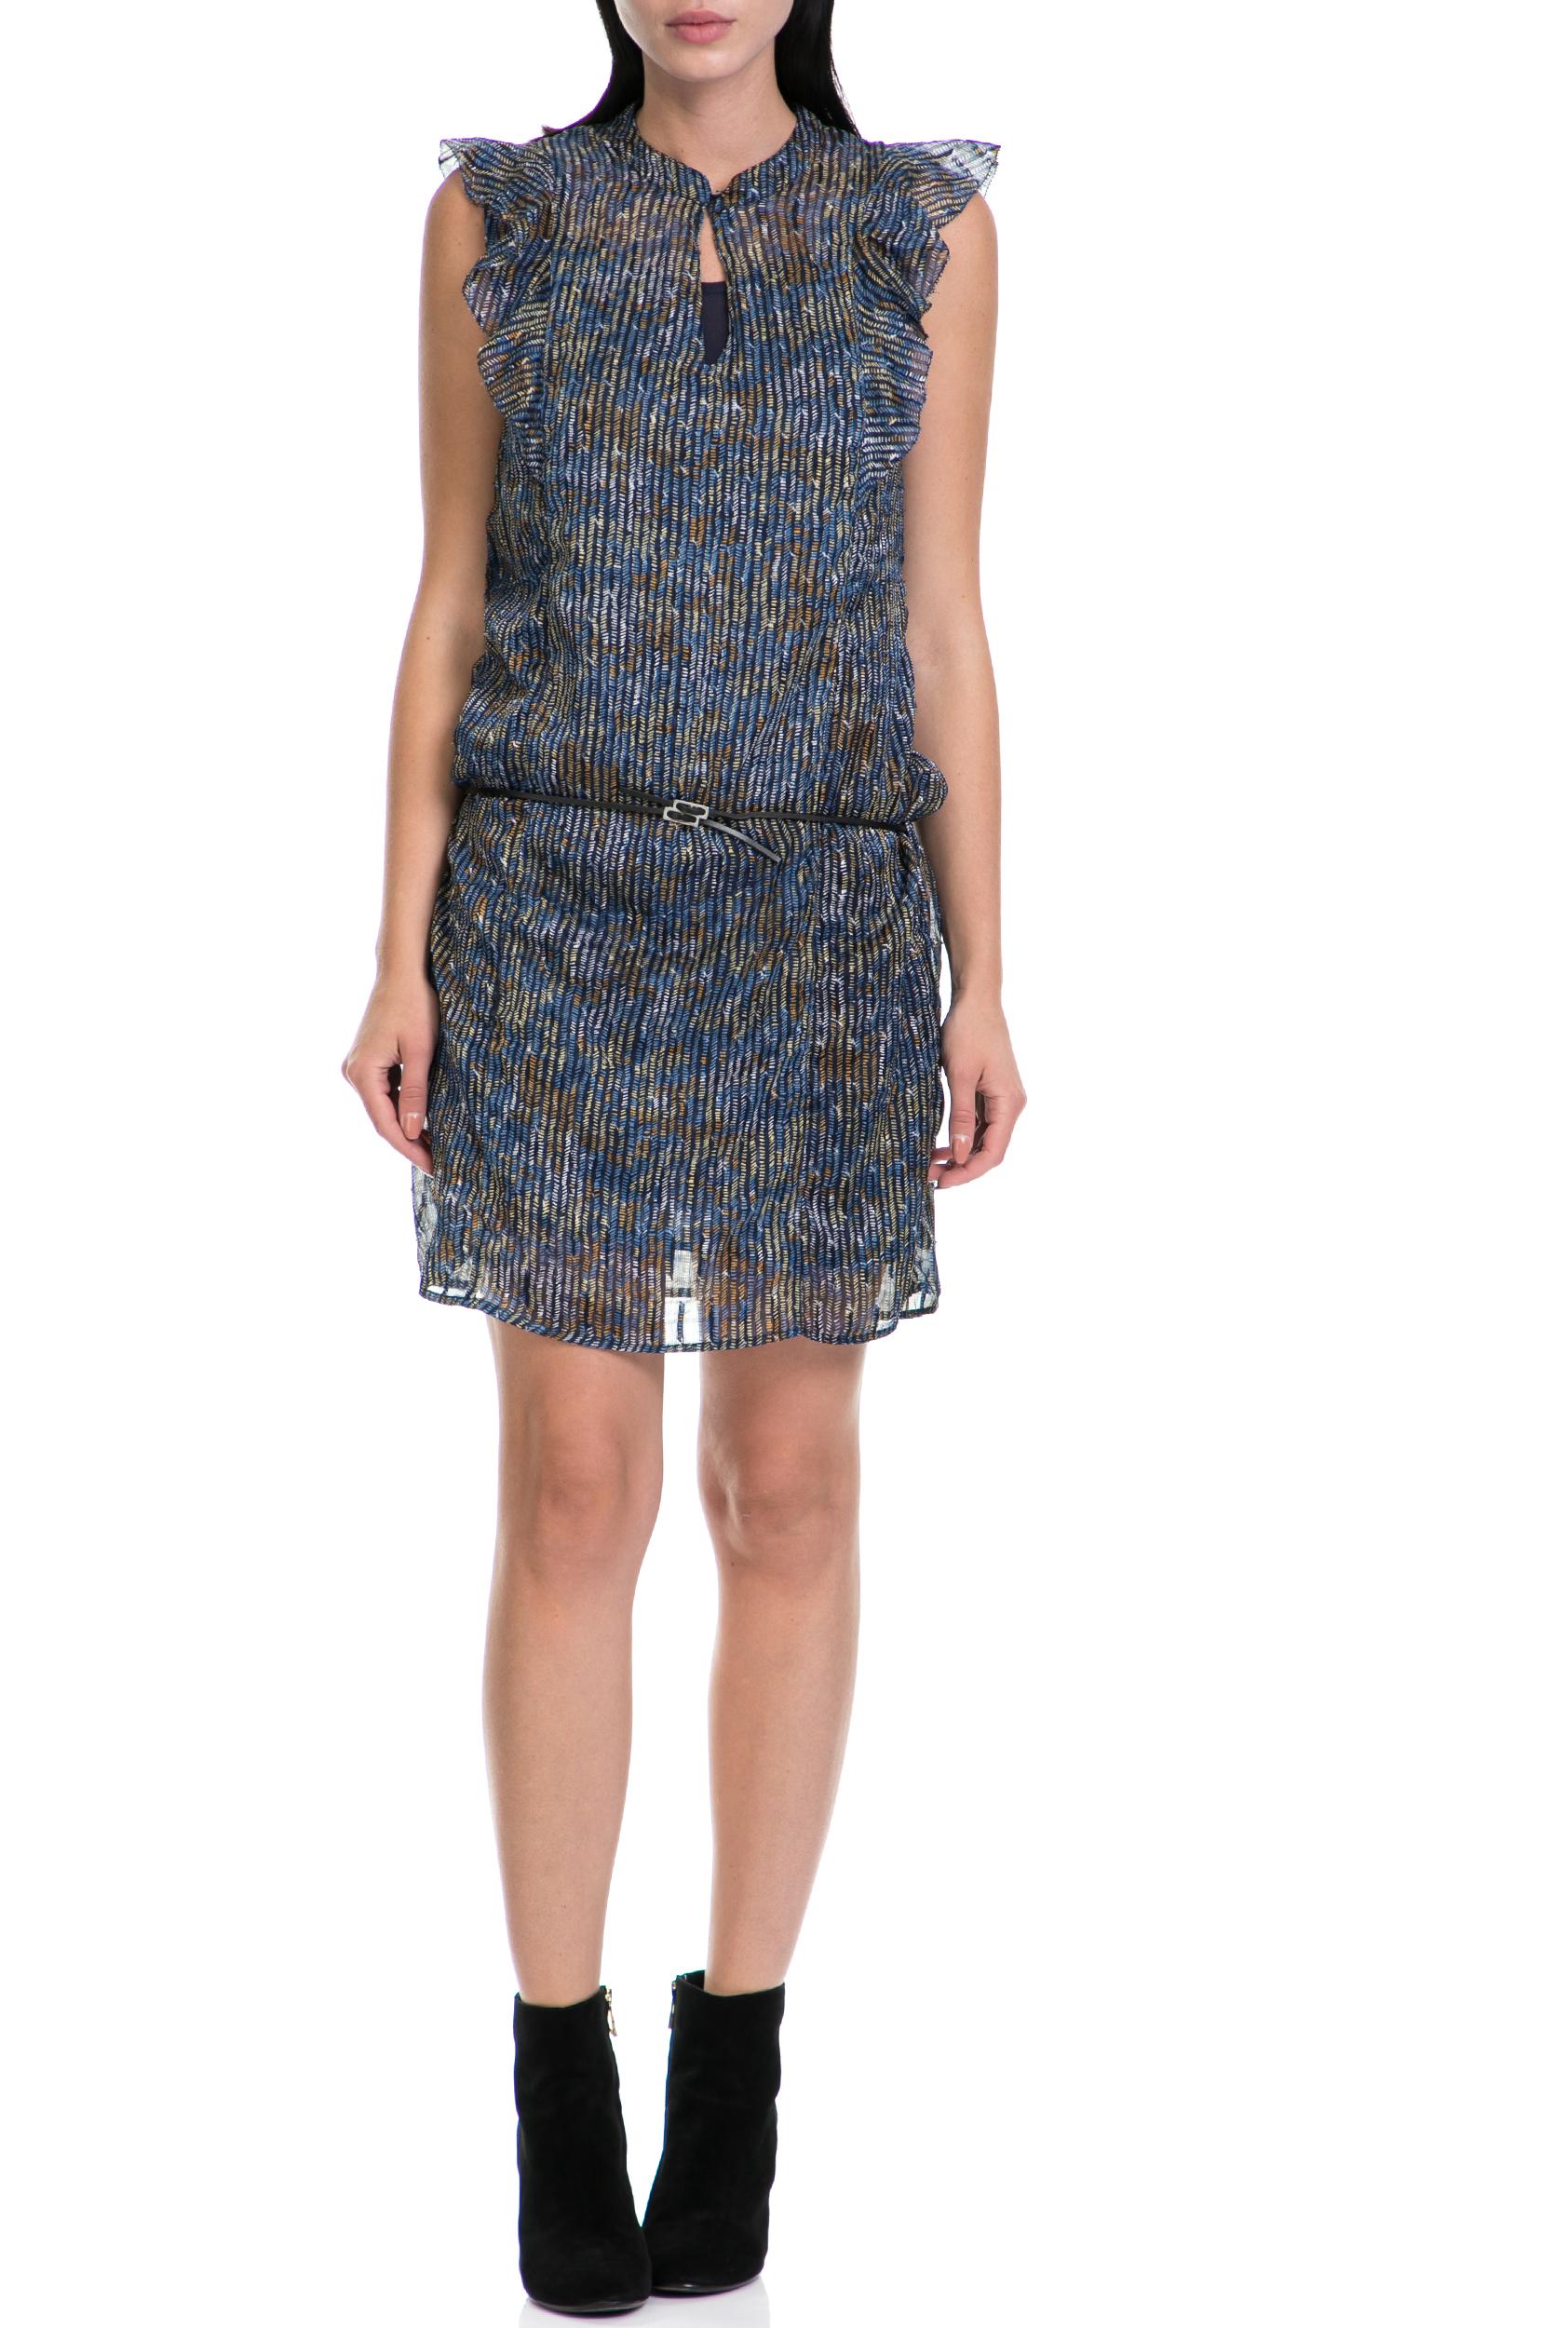 GARCIA JEANS - Γυναικείο φόρεμα GARCIA JEANS μπλε-καφέ γυναικεία ρούχα φορέματα μίνι